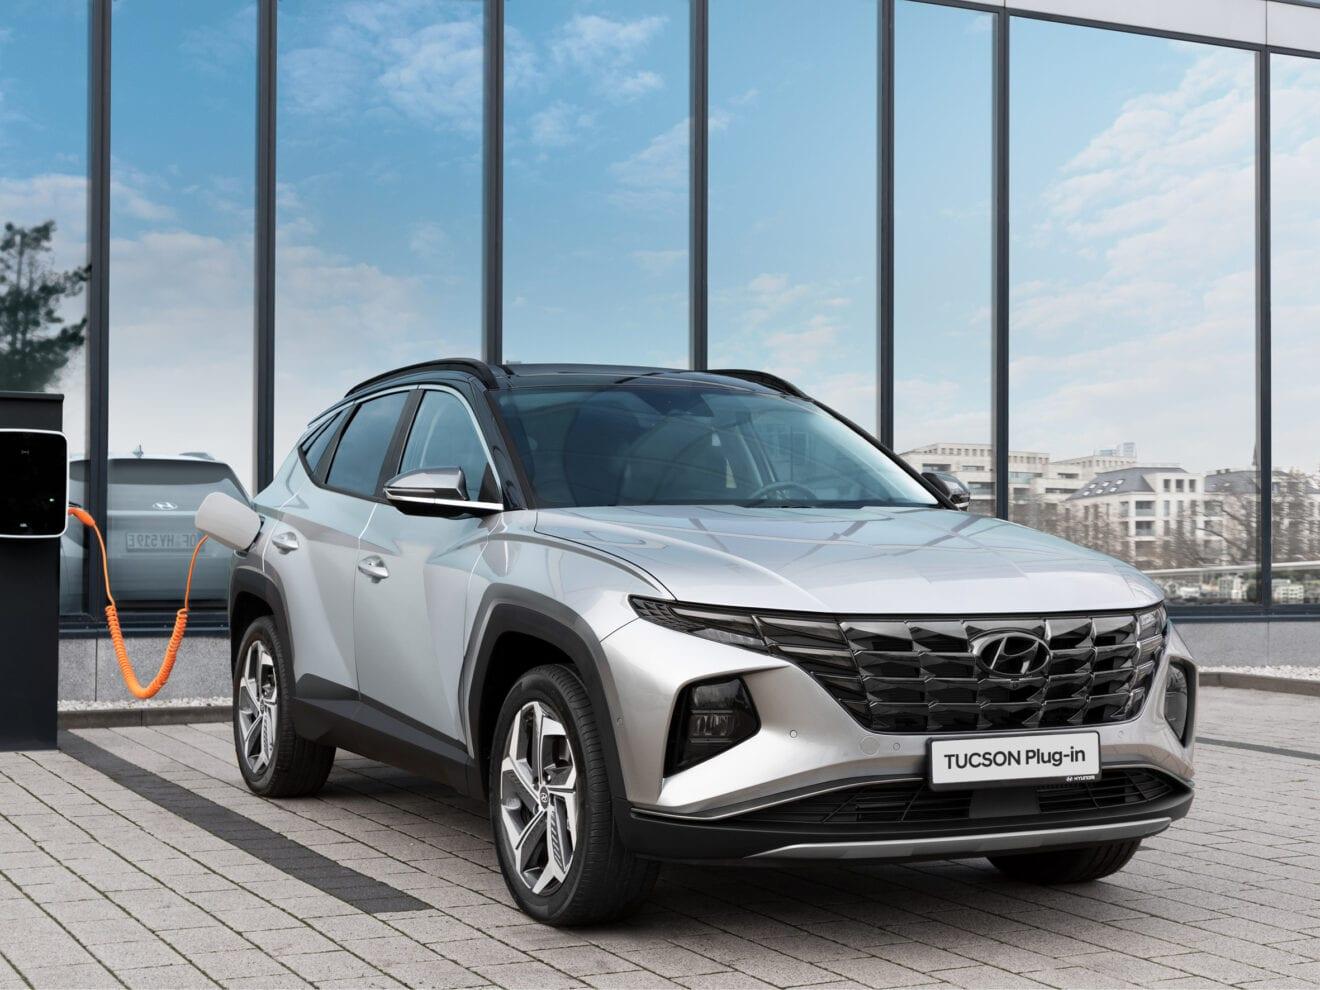 TUCSON Plug-in Hybrid er landet hos Hyundai Holbæk